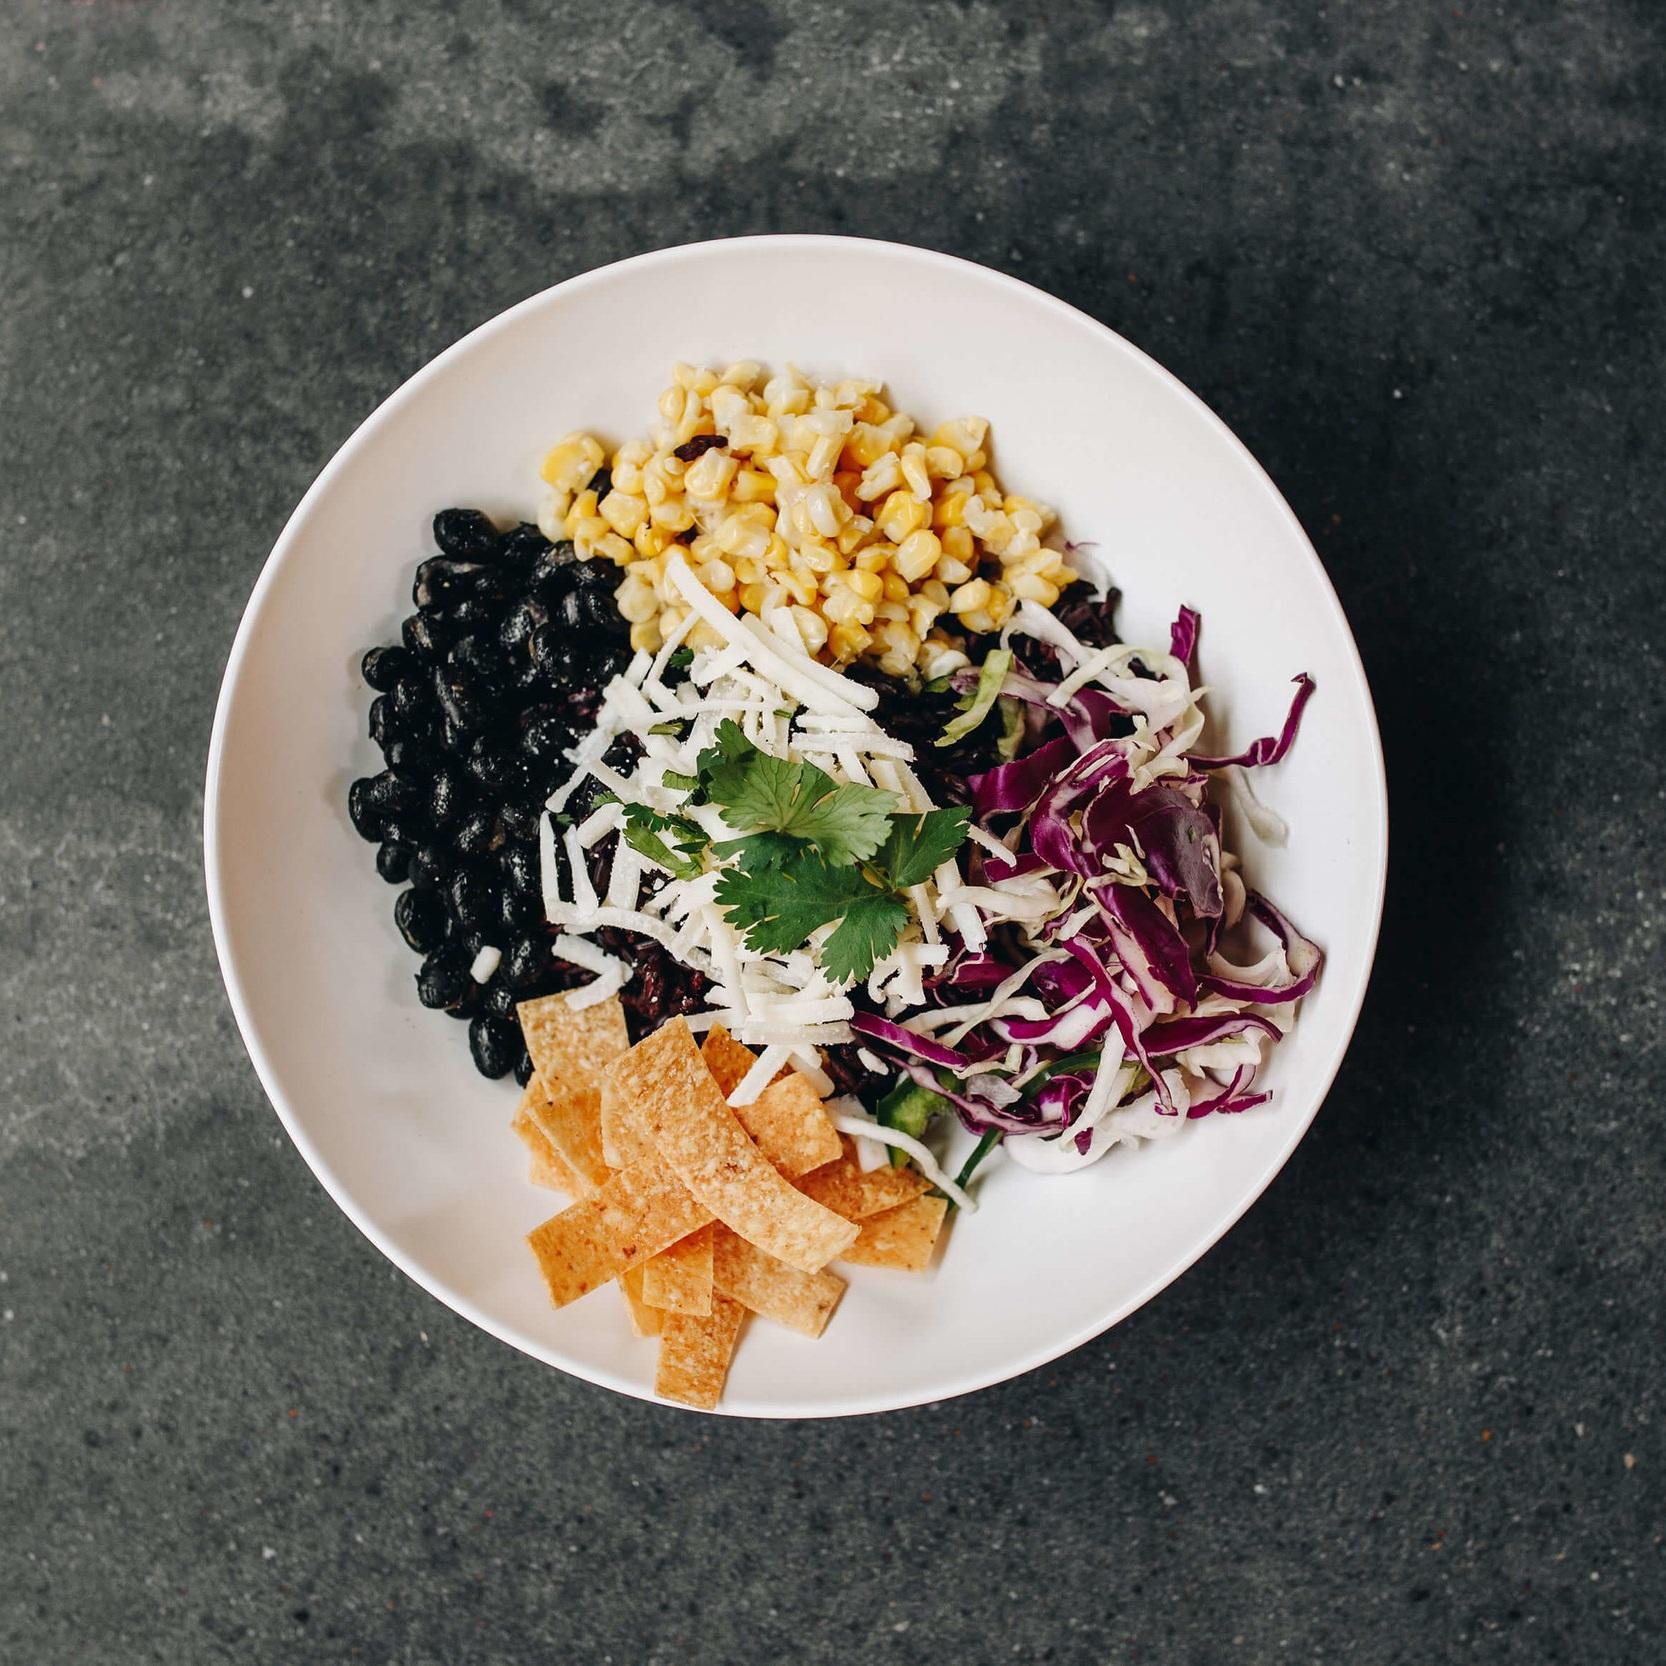 FIESTA BOWL - Black rice, black beans, local corn, cabbage poblano slaw, cheddar cheese, cilantro, corn tortilla, salsa roja7.50